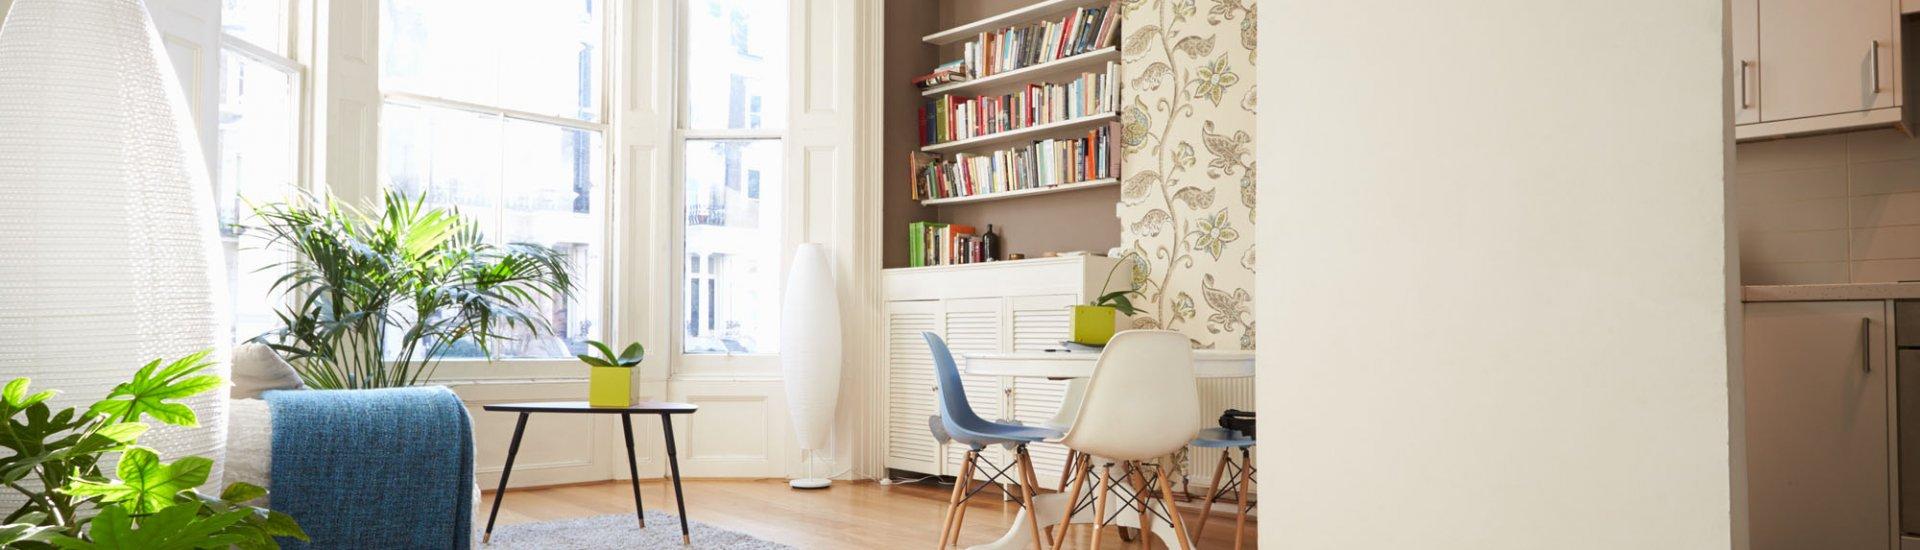 Zimmer kühlen - 8 wertvolle Tipps